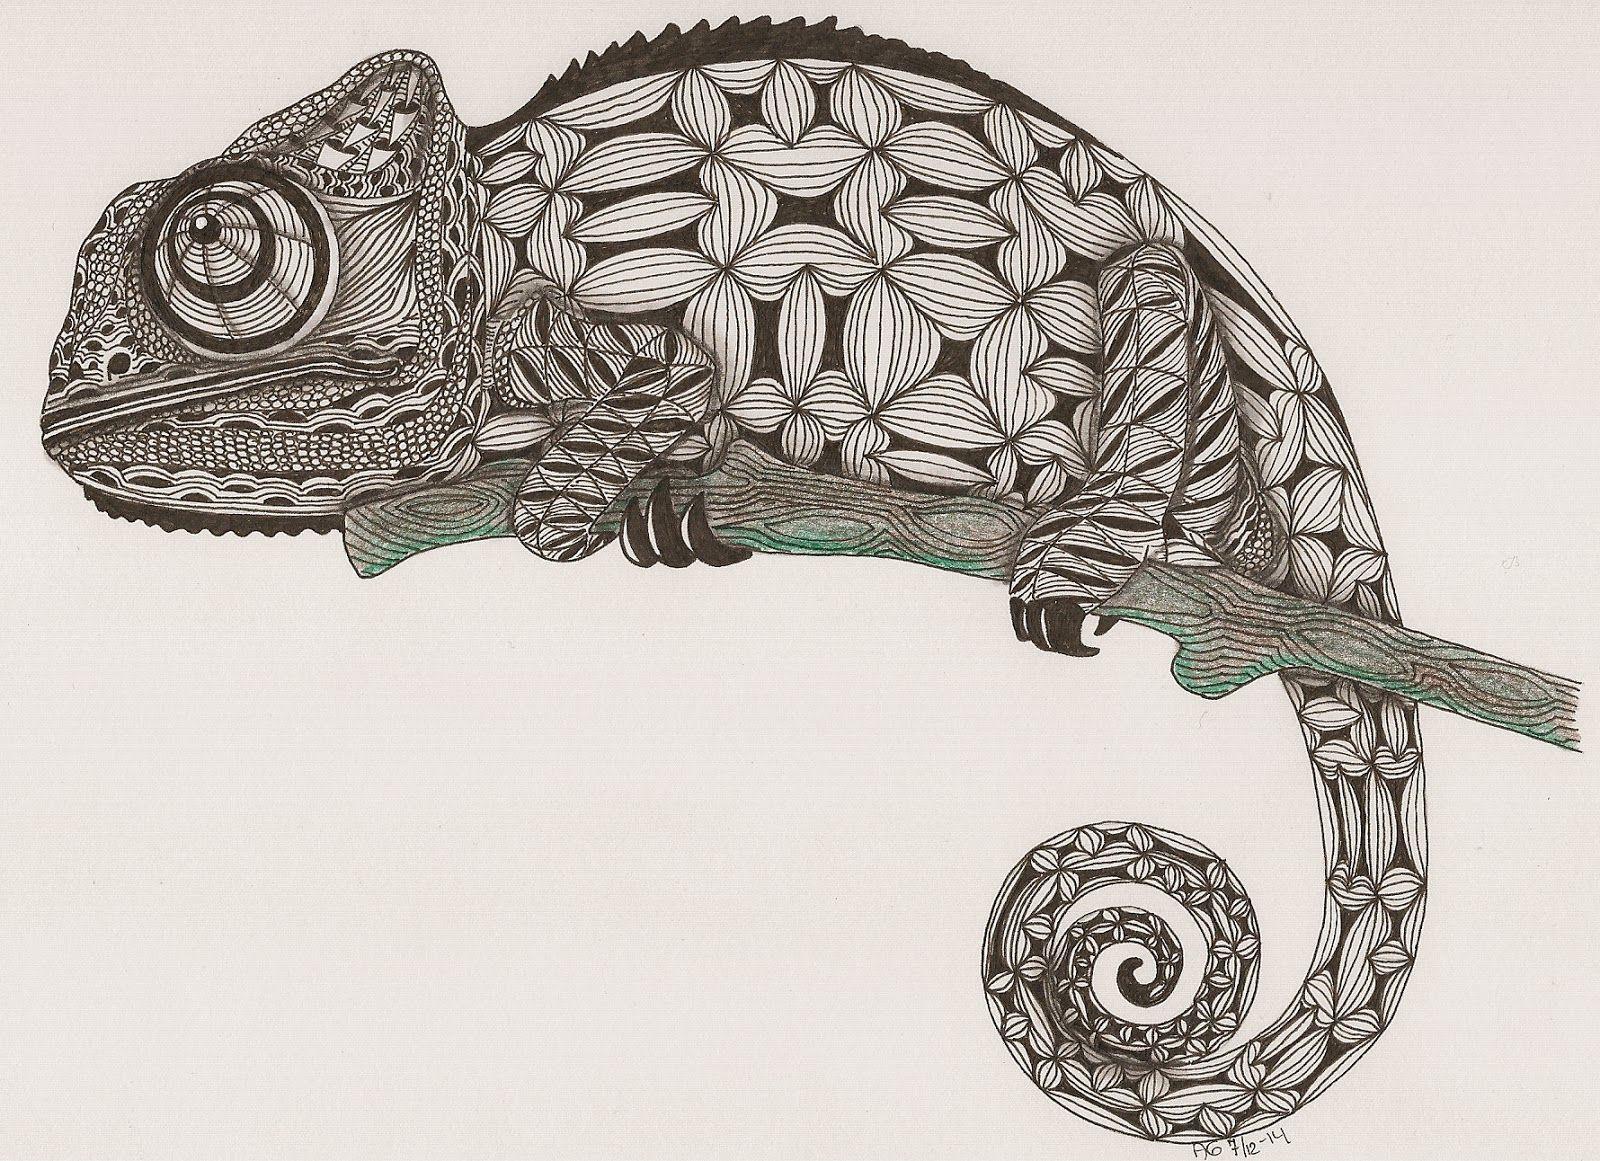 Adri Ornation Creation Chamaleon Tattoo Tinte Abbildungen Zeichnung